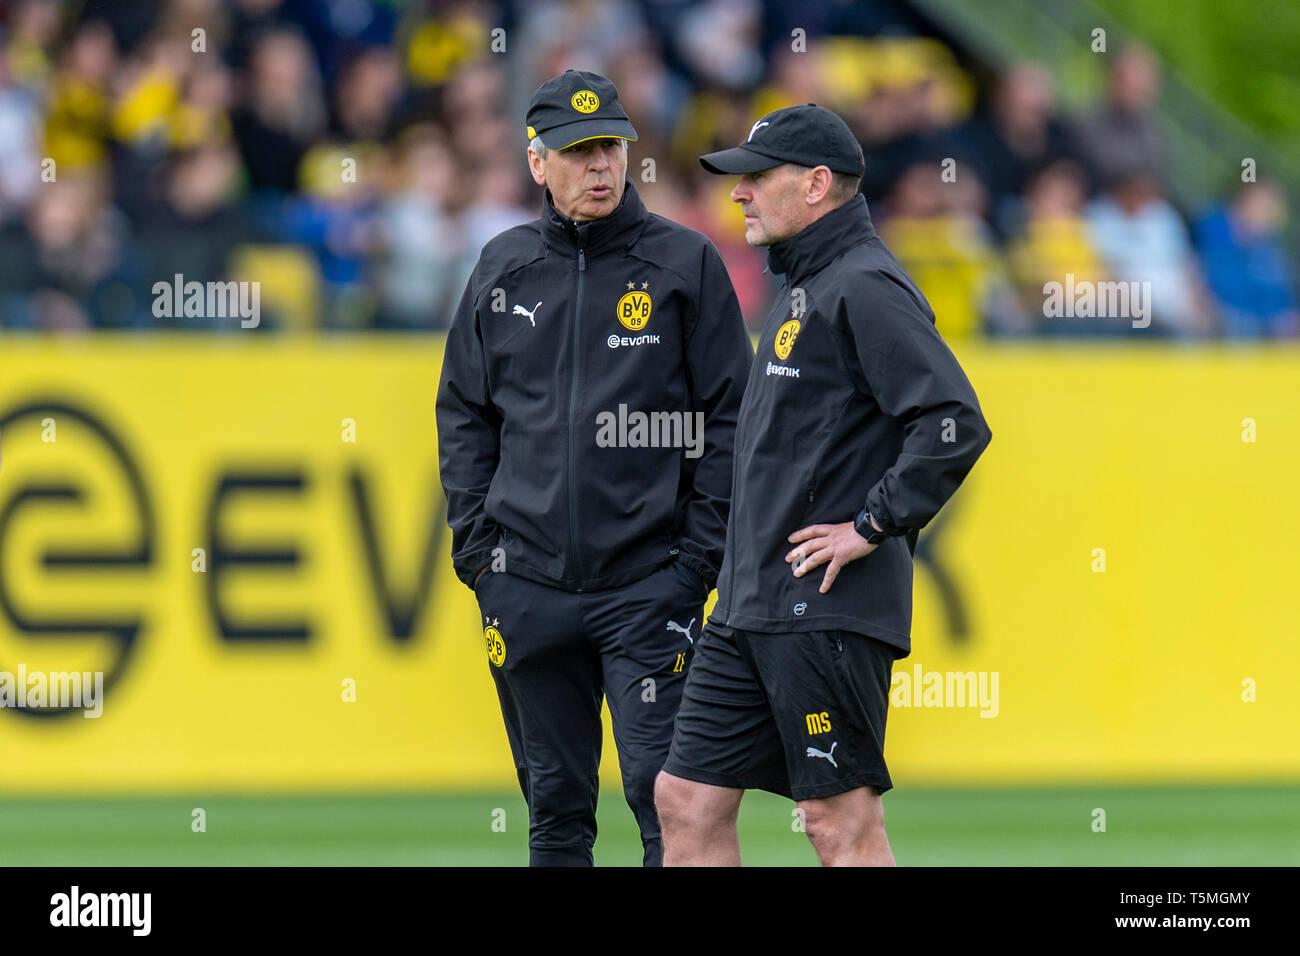 Fußball: Saison 2018/2019, Training von Borussia Dortmund am 25.04.2019  Dortmunds Trainer Lucien Favre und sein Co-Trainer Manfred Stefes - Stock Image